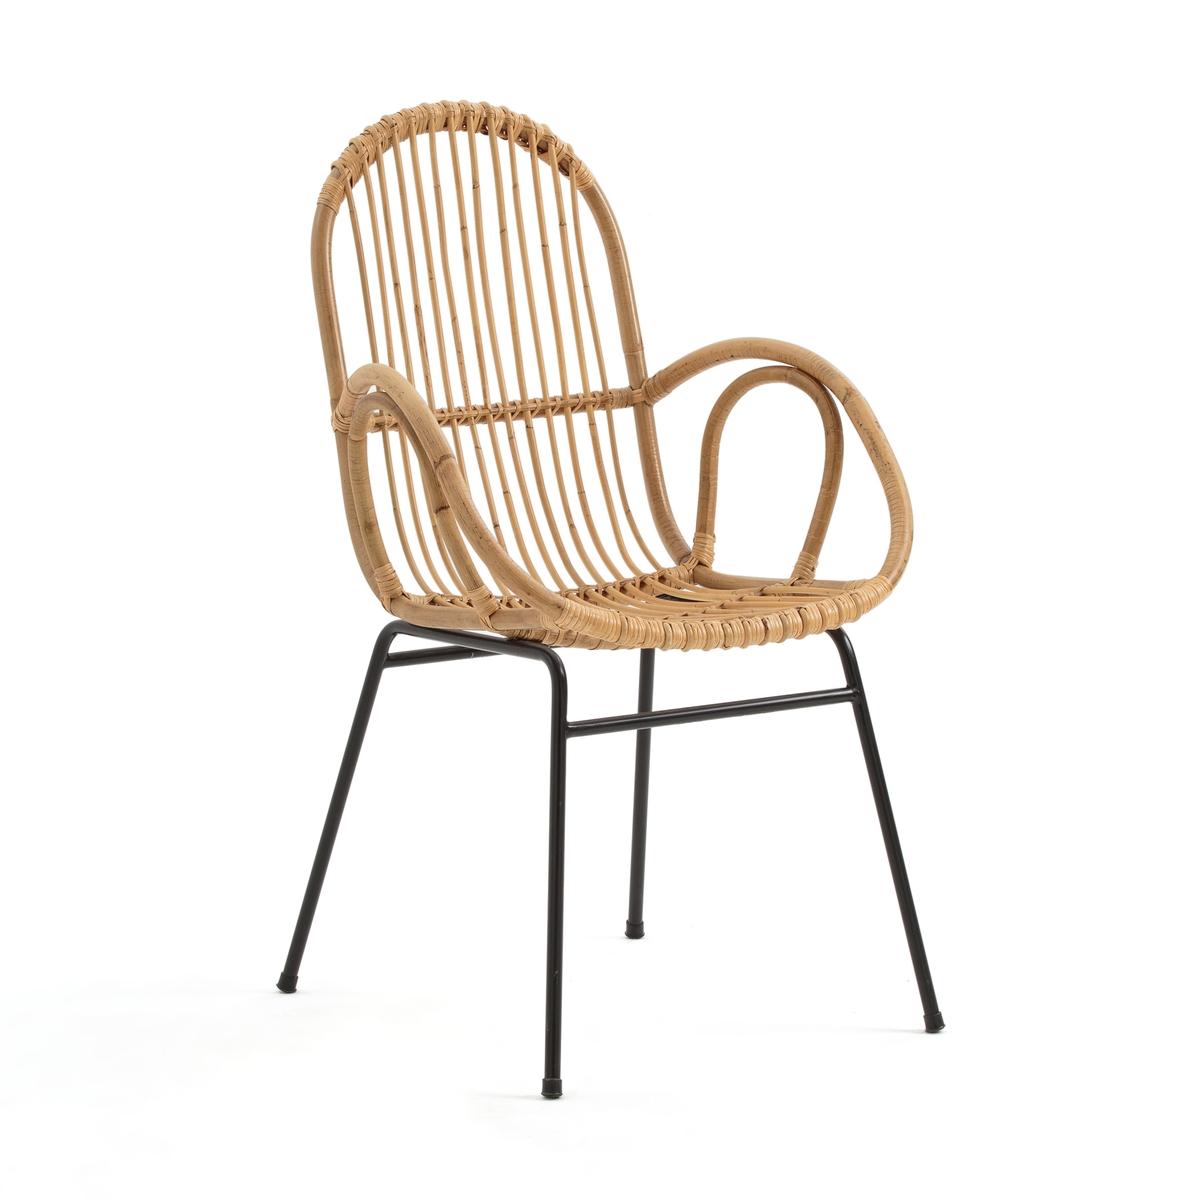 цена на Кресло La Redoute Для стола из ротанга Siona единый размер бежевый